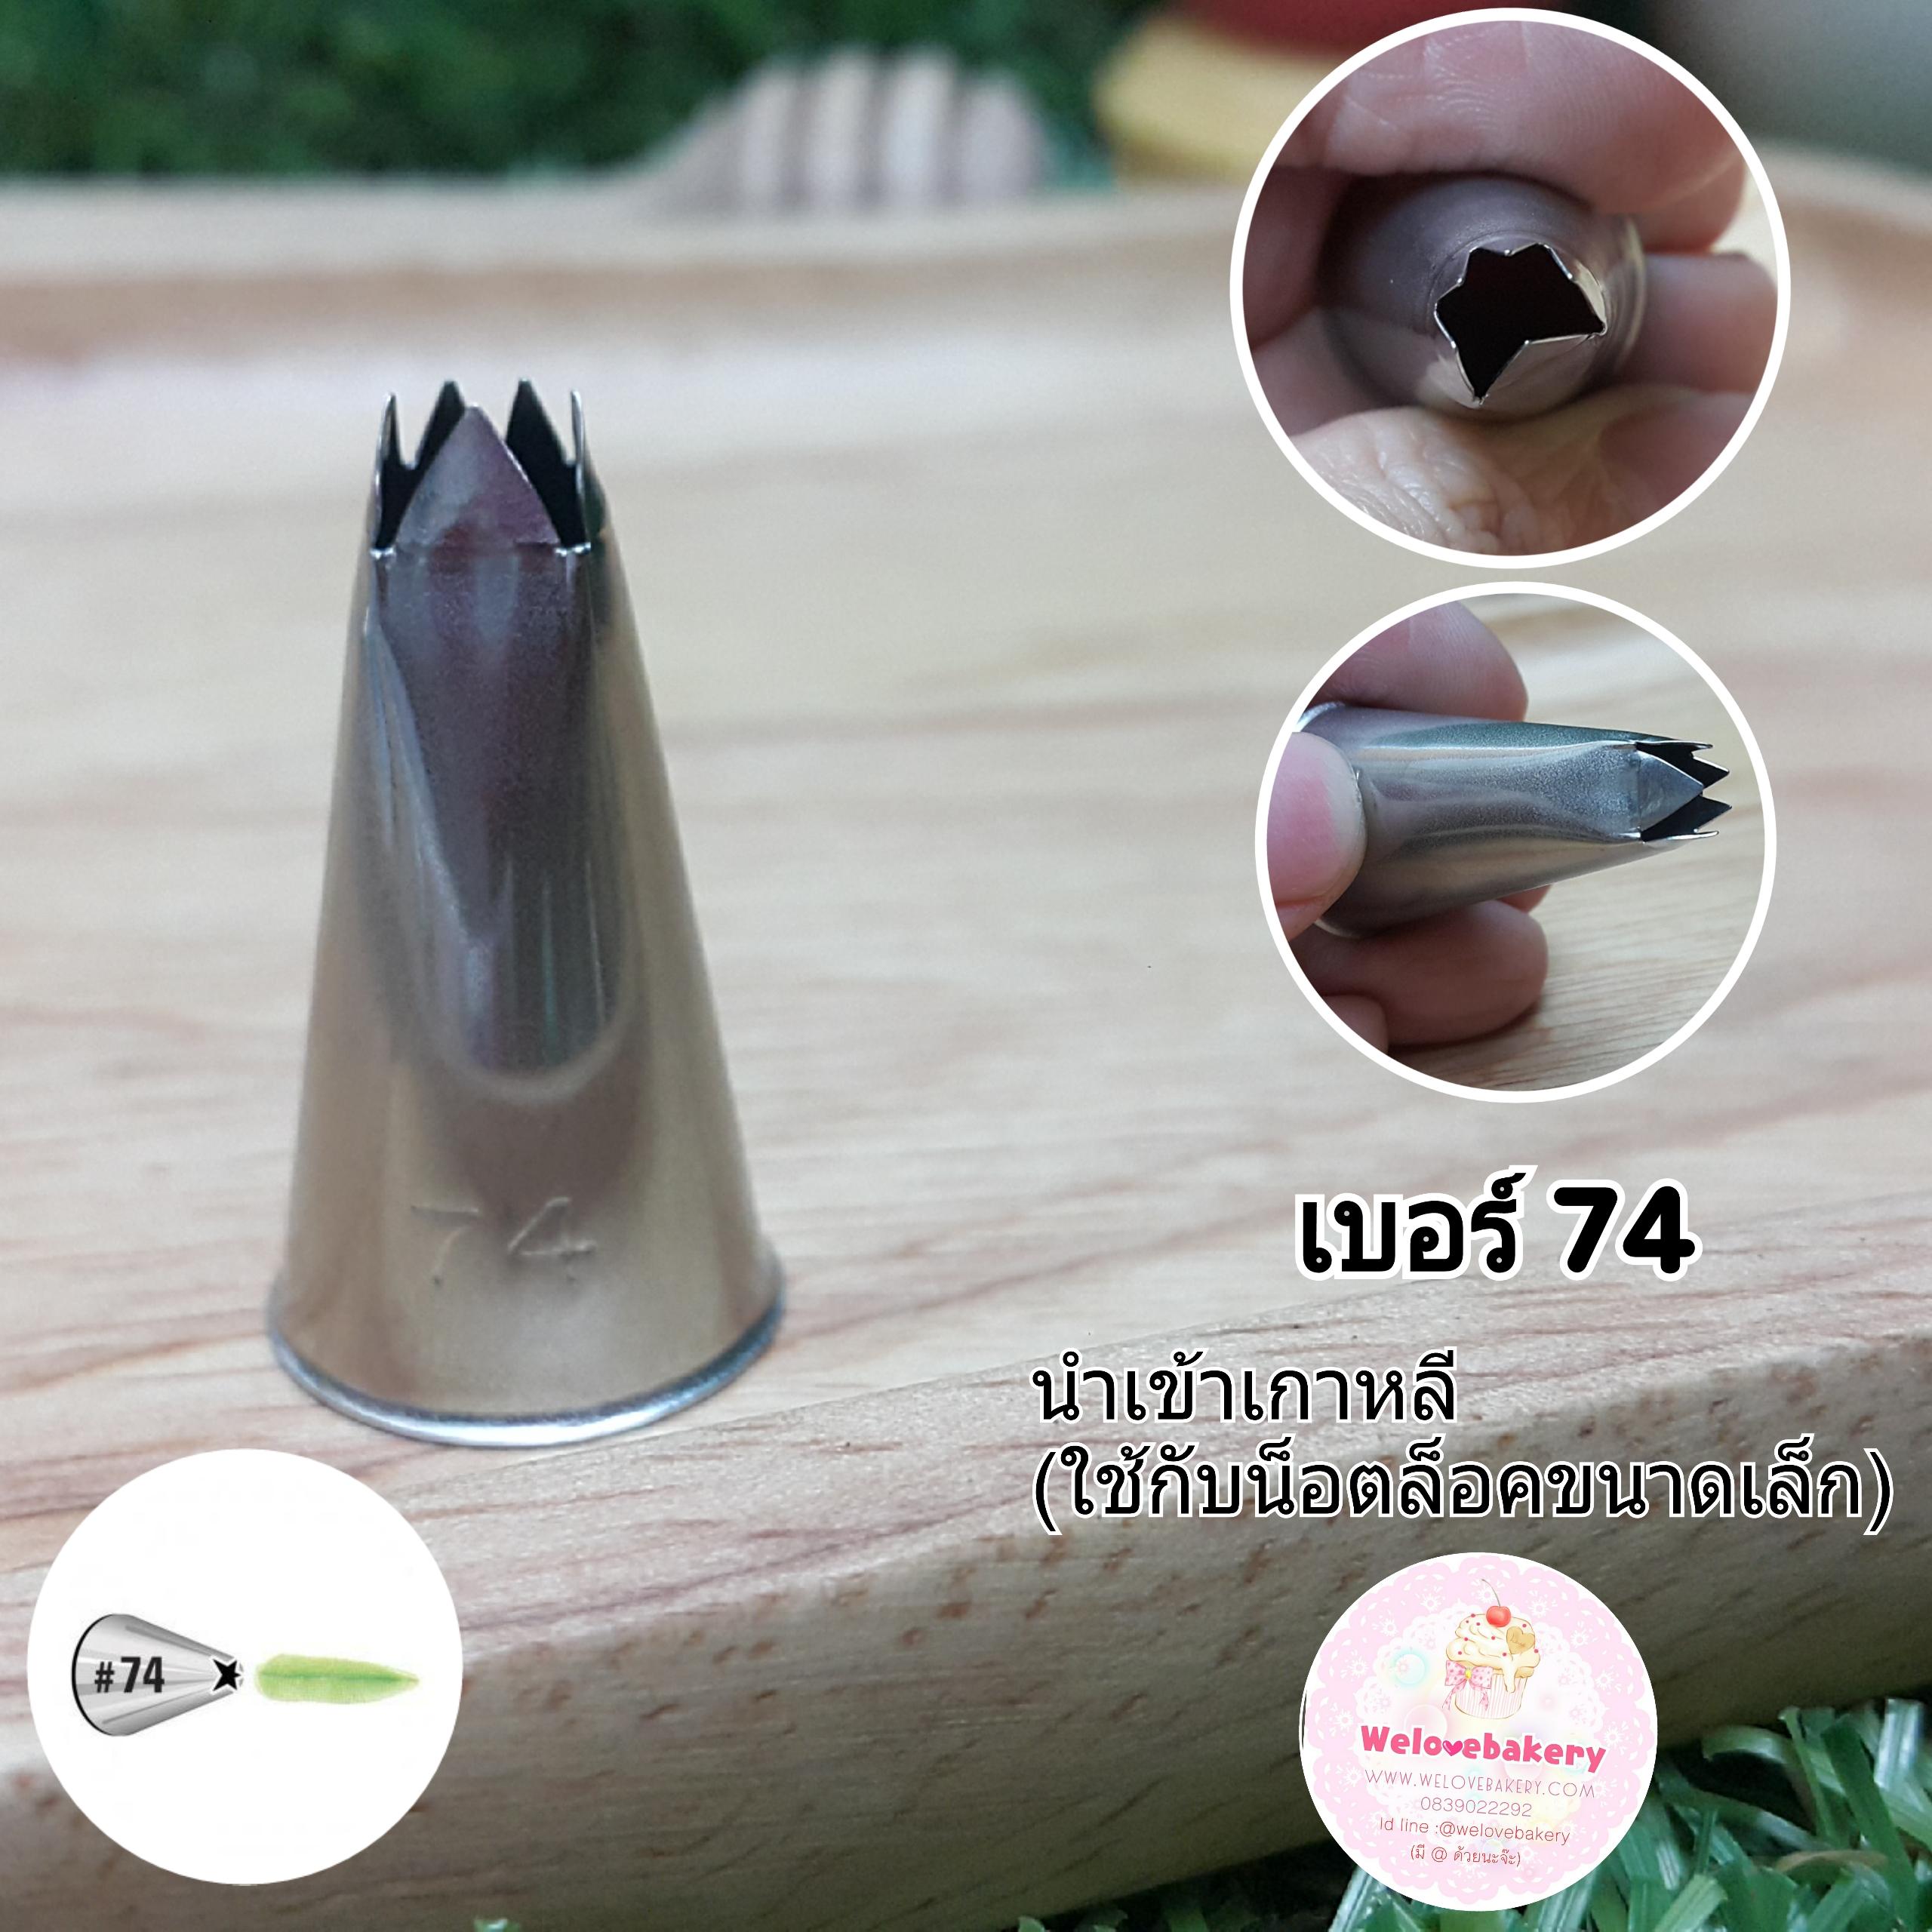 หัวบีบครีม/หัวบีบเกาหลี เบอร์ 74 (Leaf Tube)